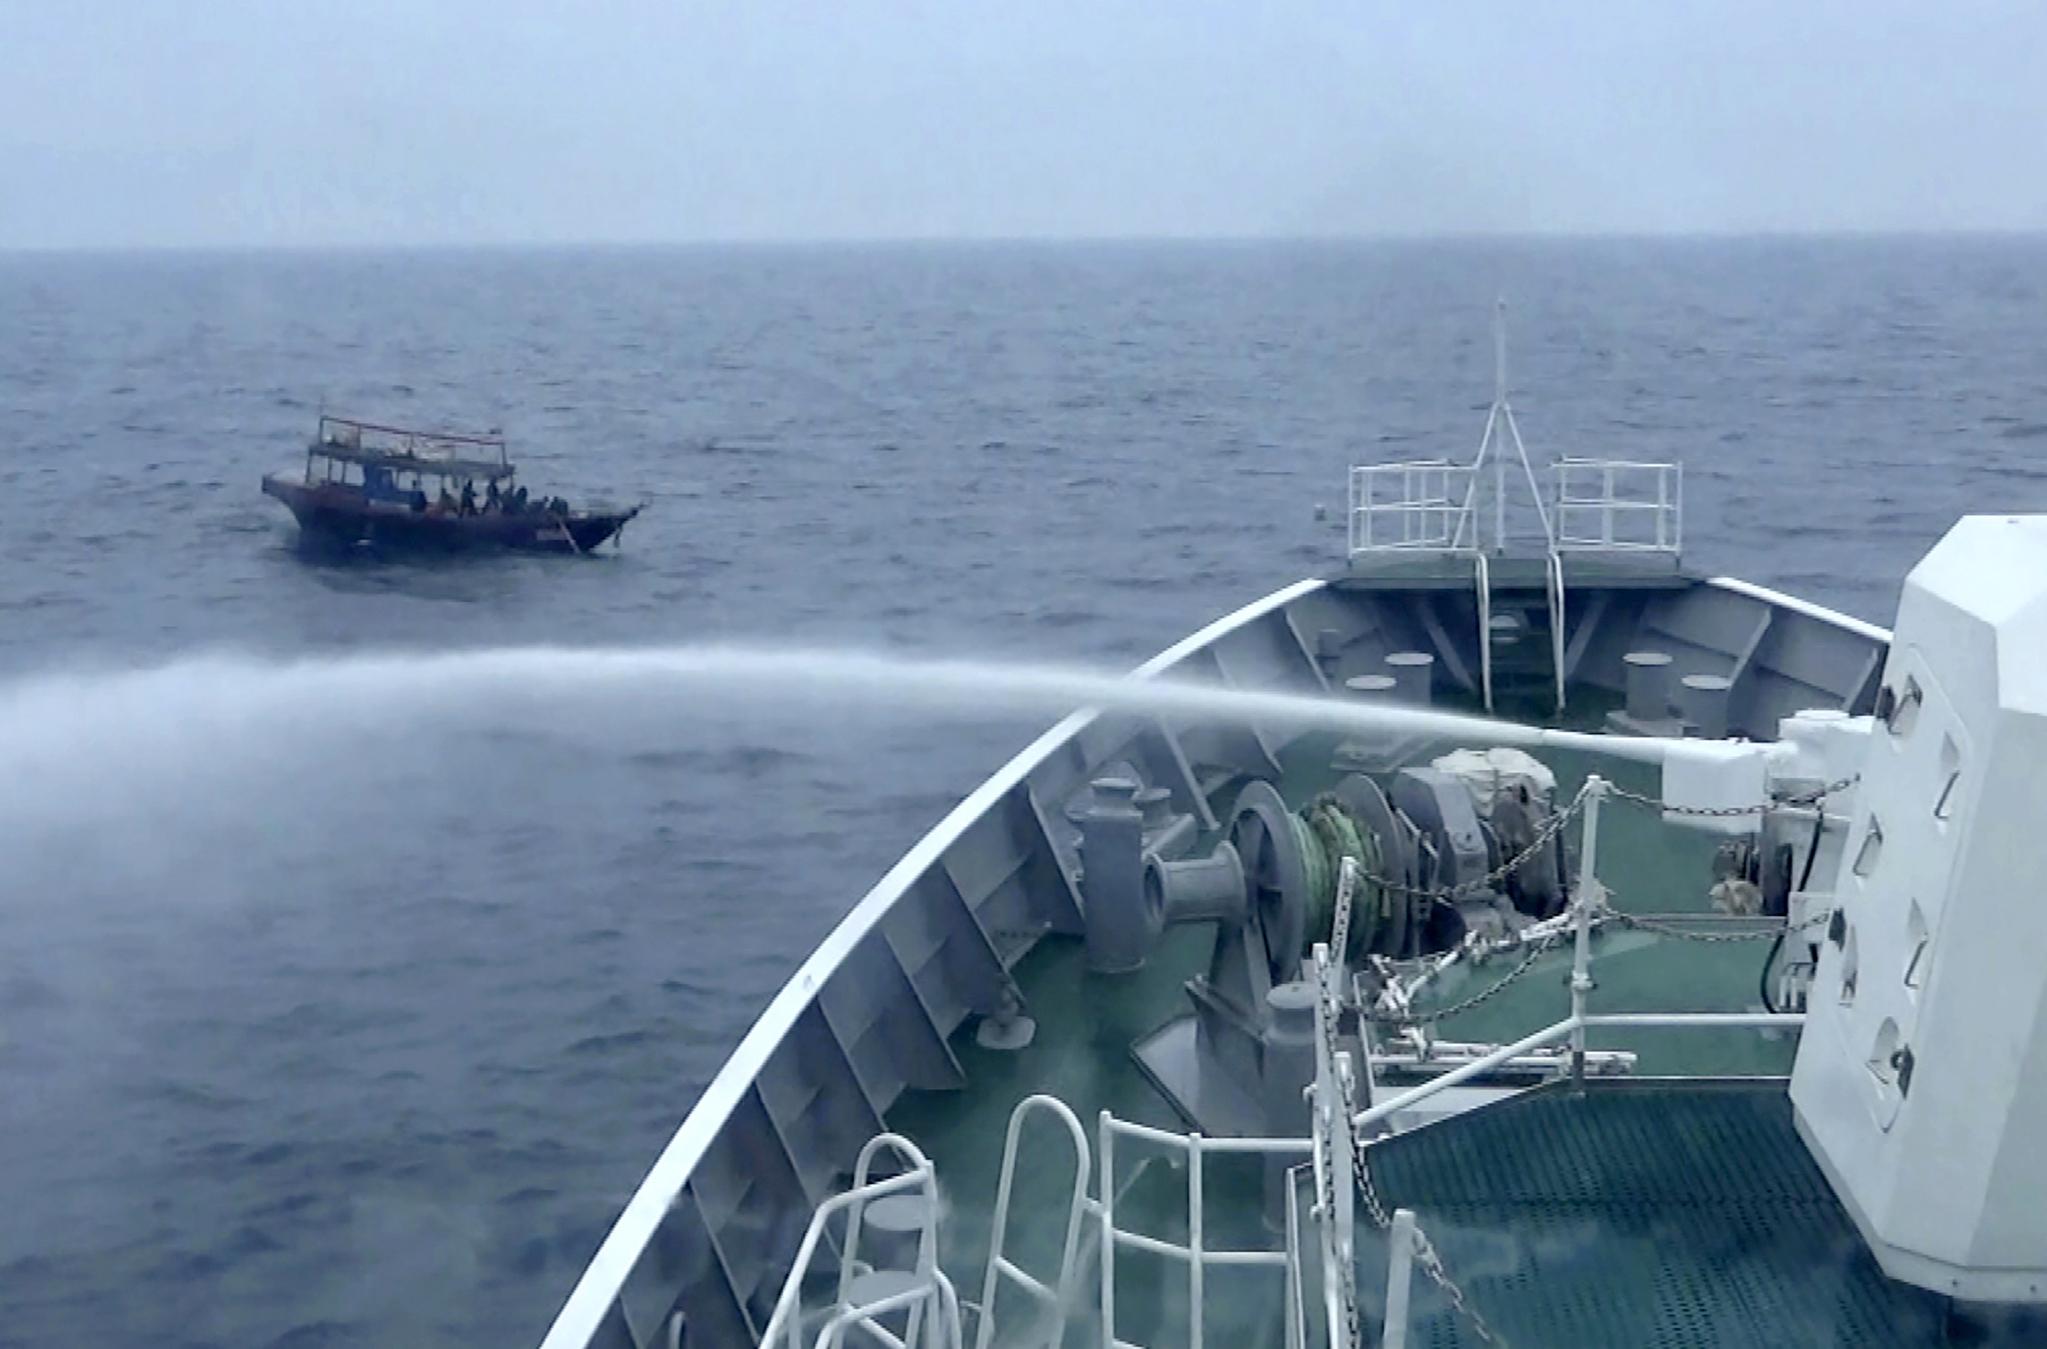 일본 해상 보안청은 18일 배타적 경제수역(EEZ)을 침범해 불법 조업하는 북한어선을 쫒아내는 사진을 공개했다. 지난 5월 일본 해안 경비대 배가 물대포를 쏴 북한 어선을 쫒아내고 있다. [AP=연합뉴스]